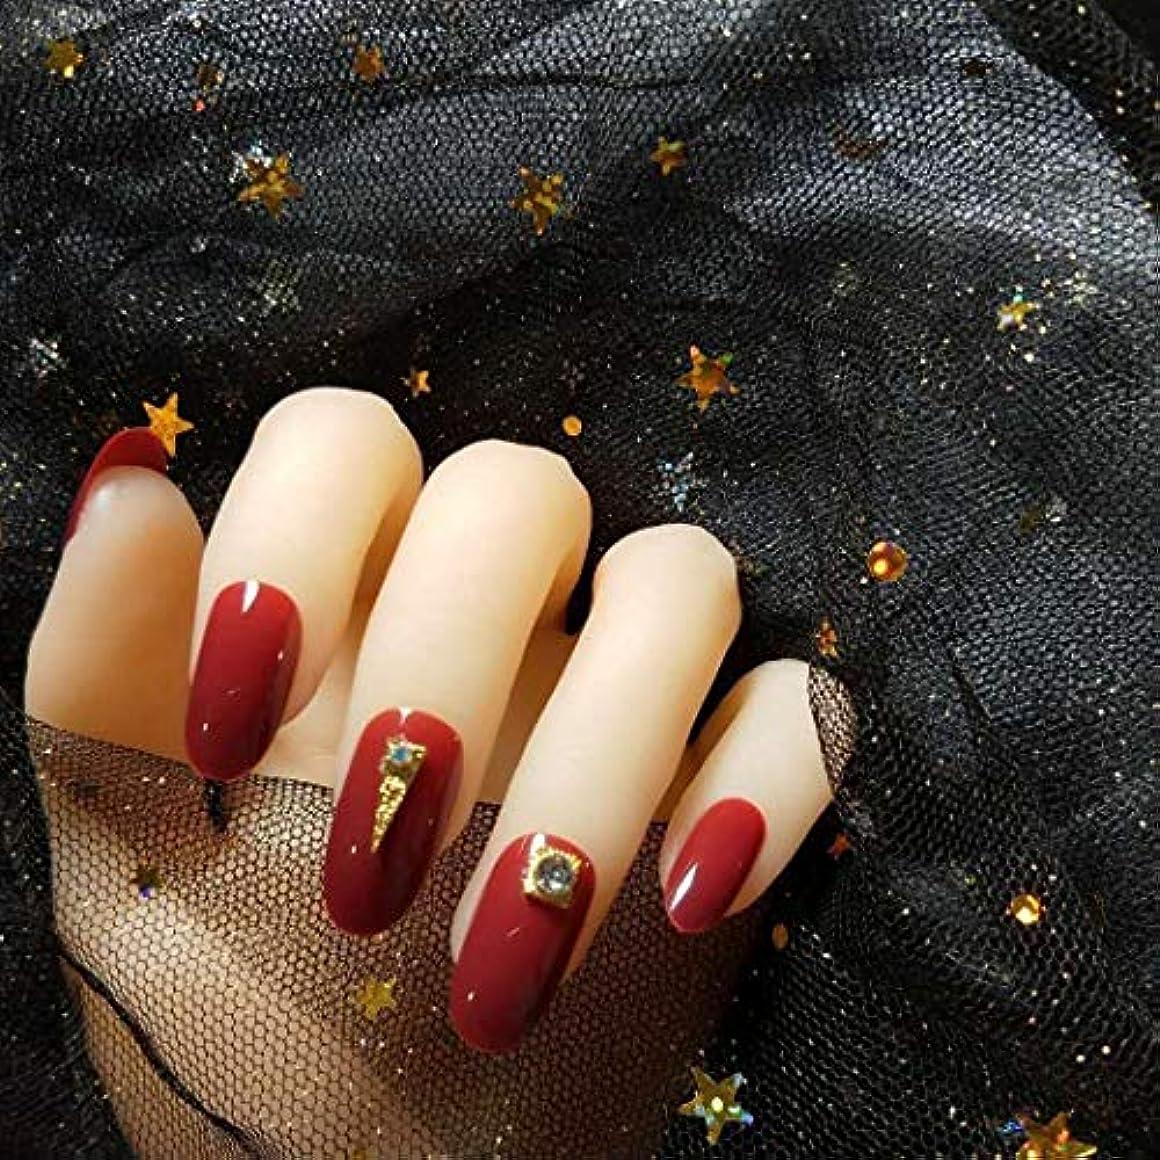 腸魅力不実NANNAN ネイルチップ 3D ネイルチップ 綺麗な飾り付け 24枚入 原宿 和風 夢幻 和装 手作りネイルチップ 結婚式ネイルチップ 赤